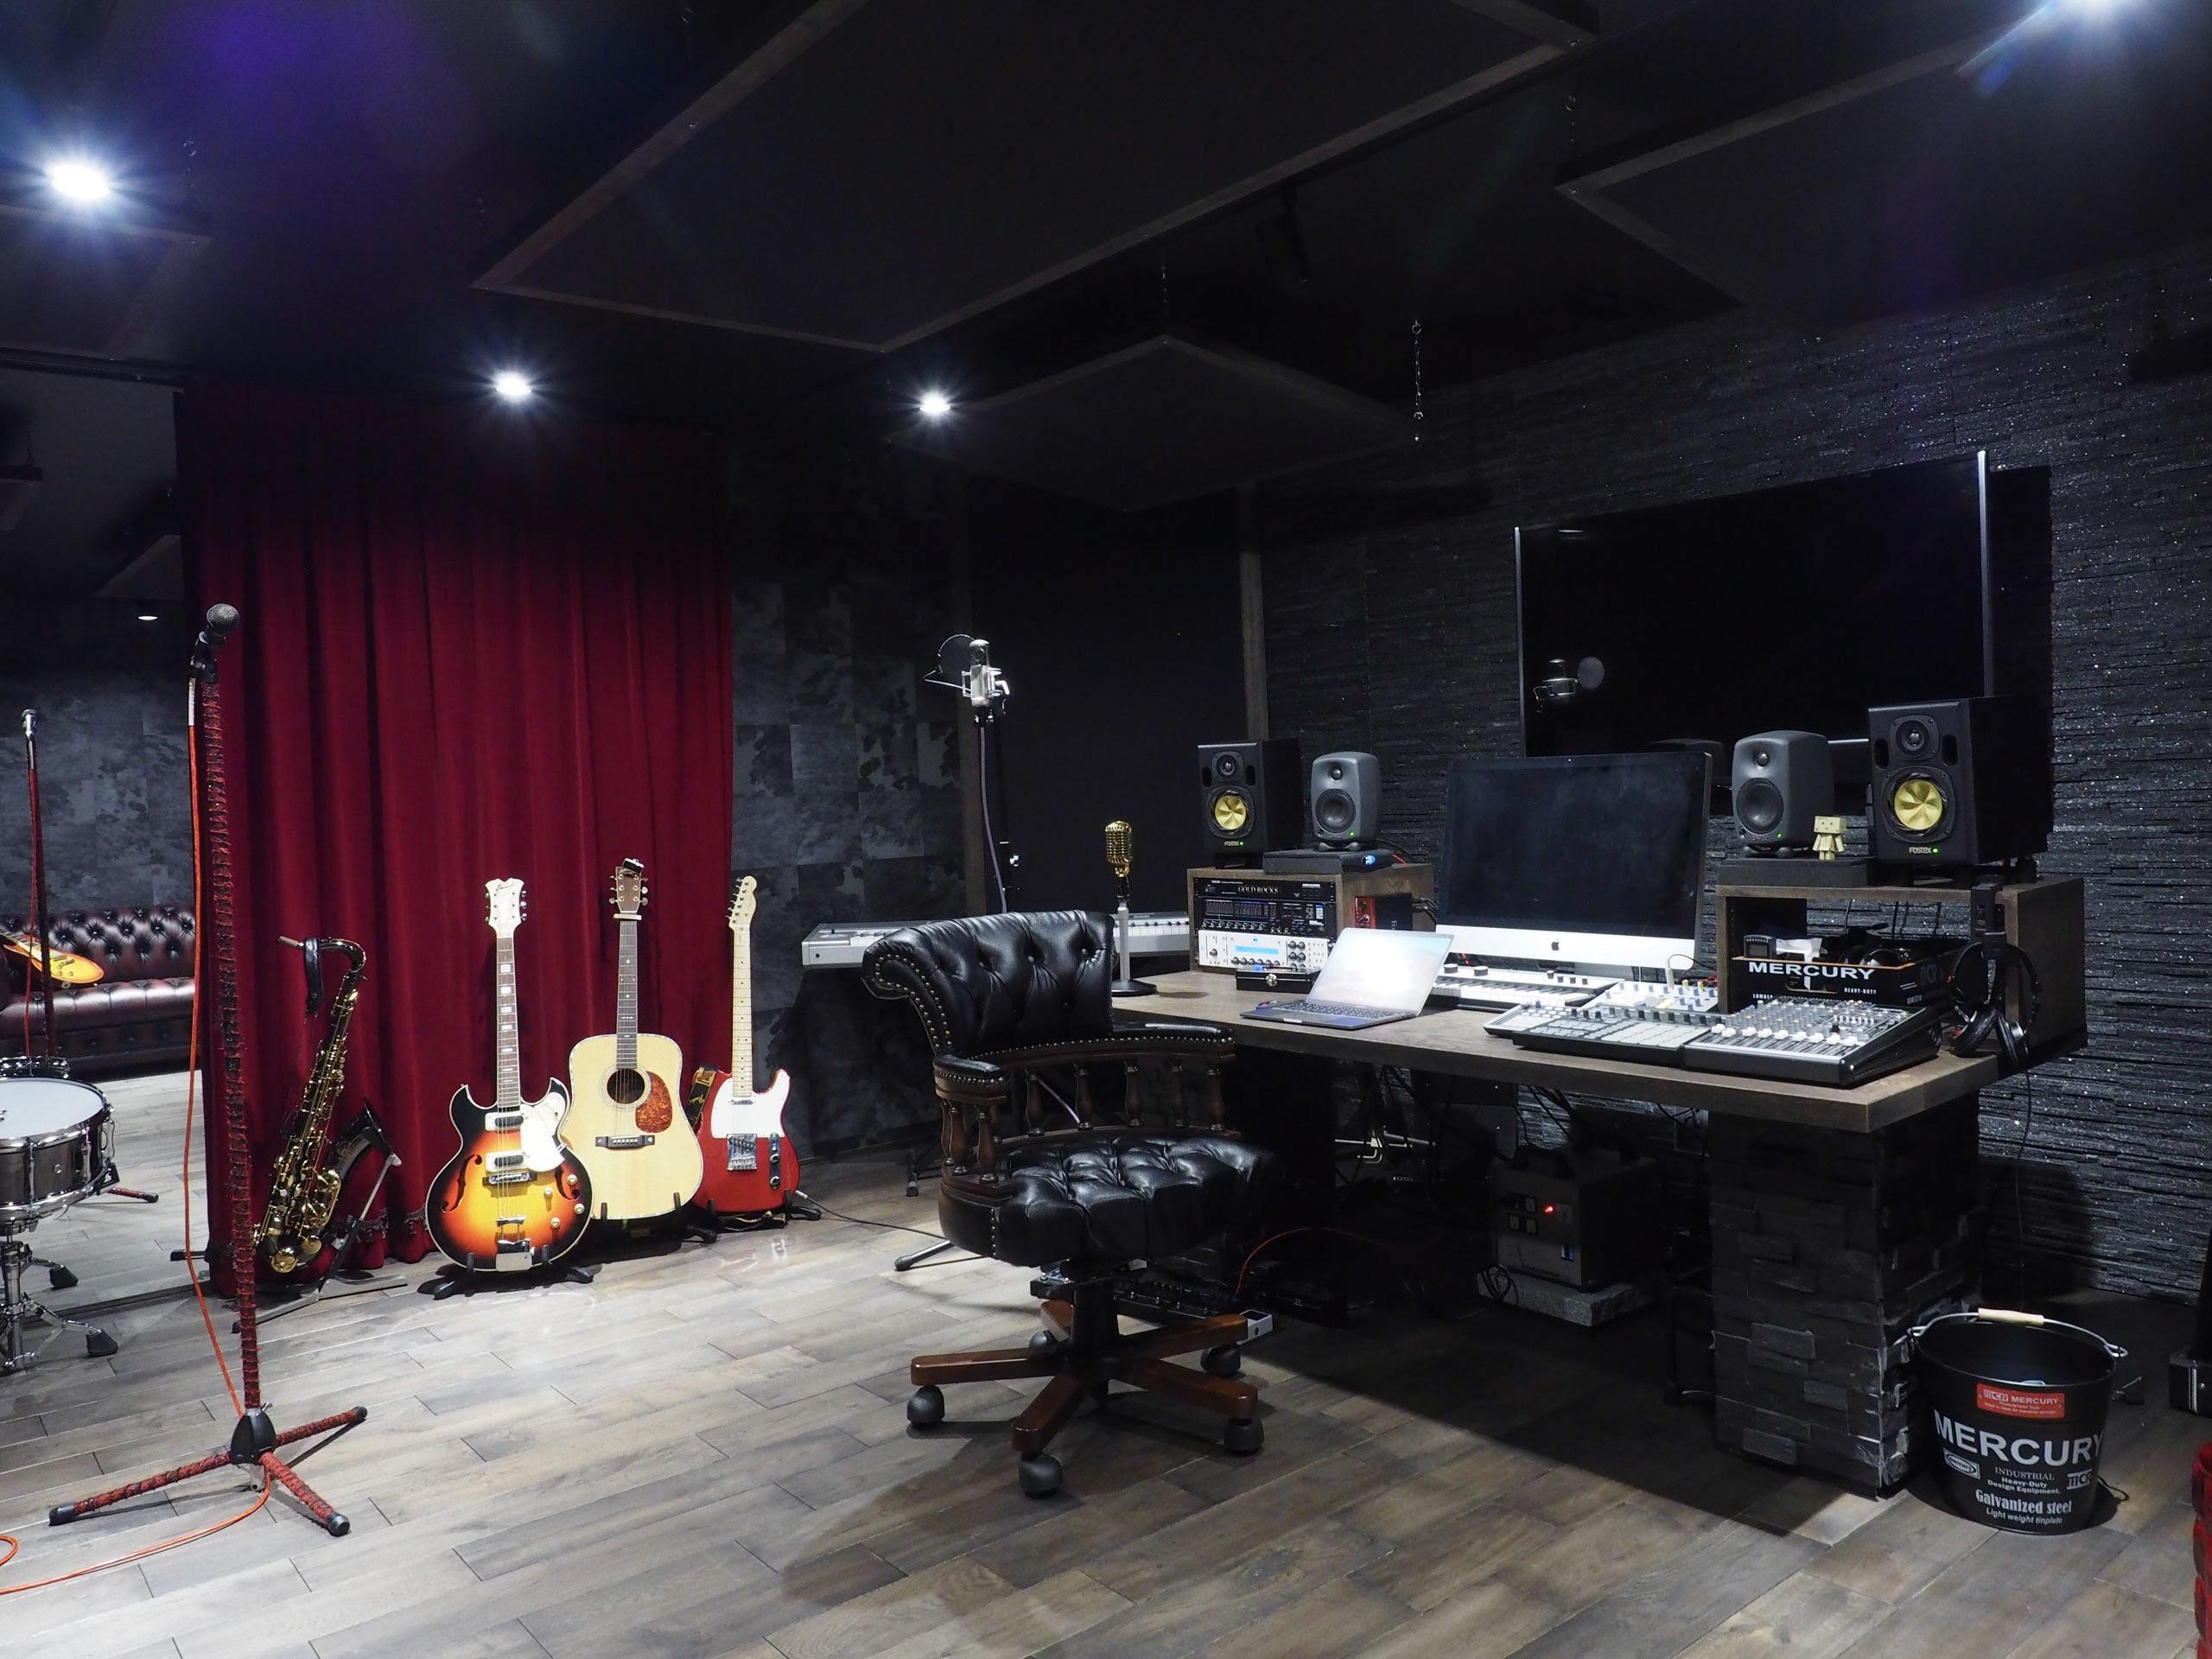 岩崎将史 建築音響設計のプライベートスタジオ route 66